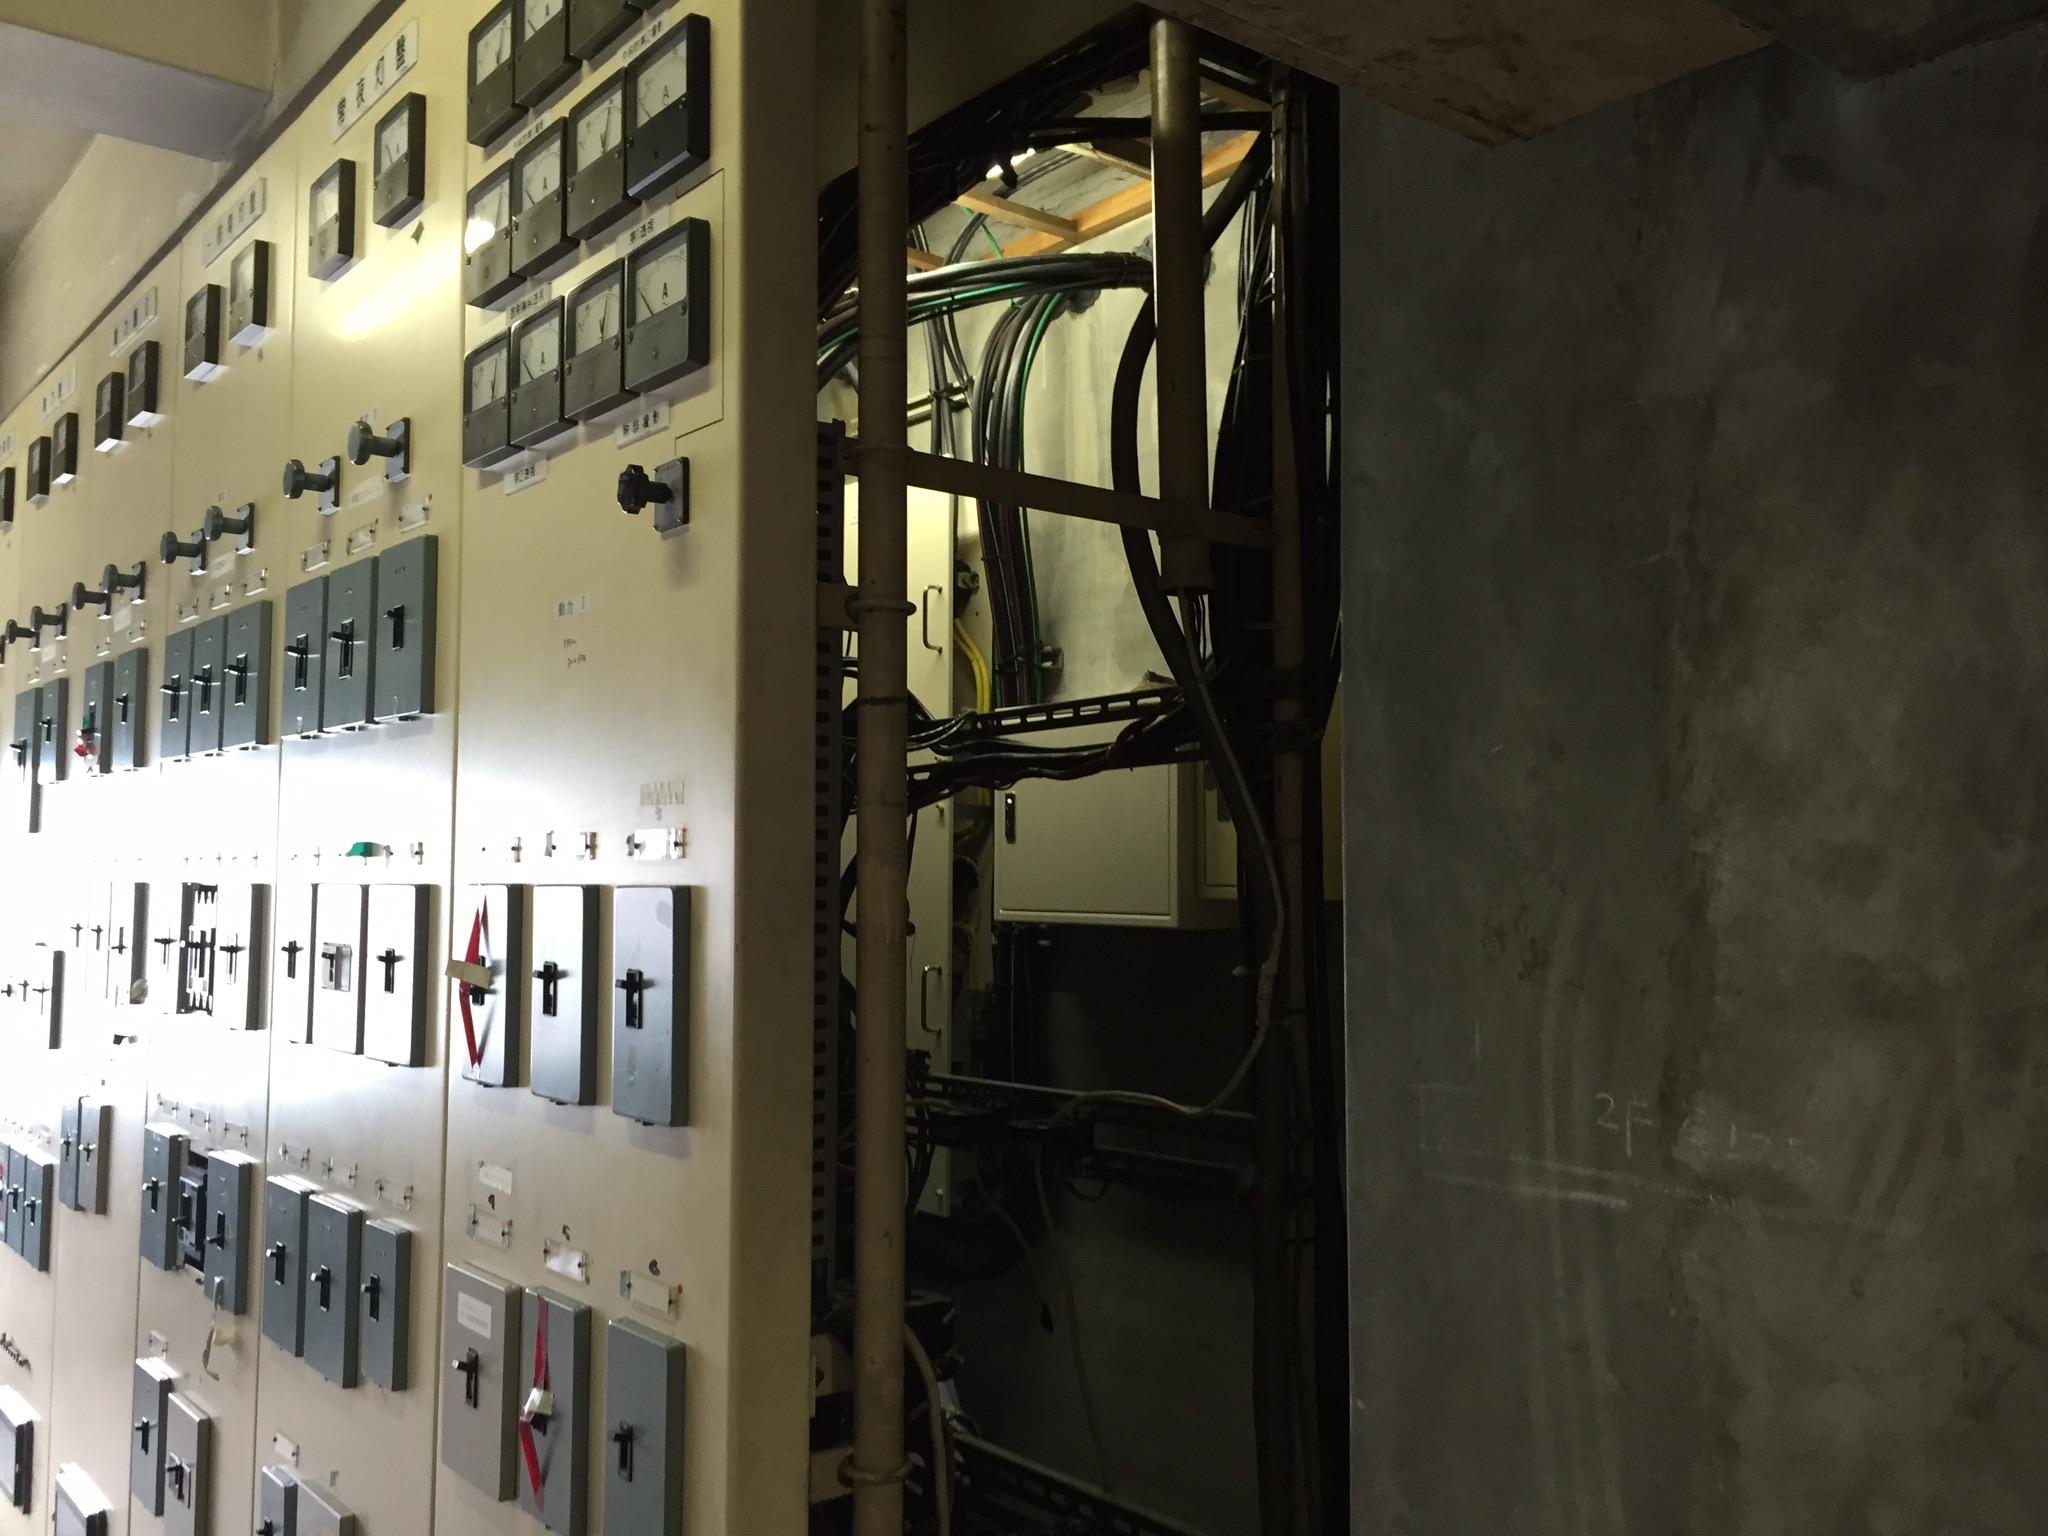 高圧受変電設備_03